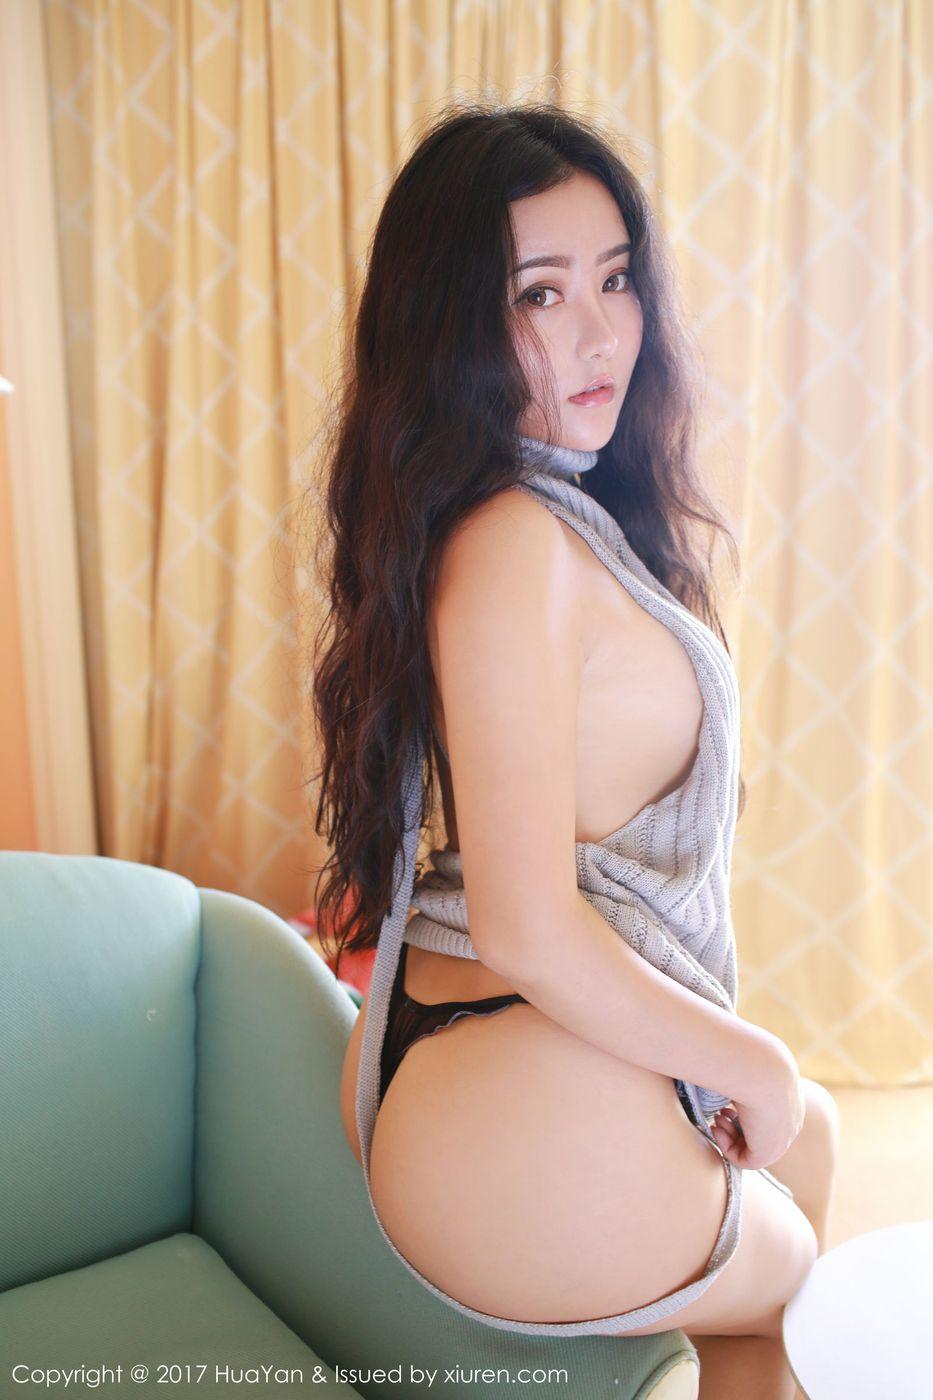 翘臀爆乳开背毛衣性感女神花の颜-[玛鲁娜]超高清写真图片|1620101514更新